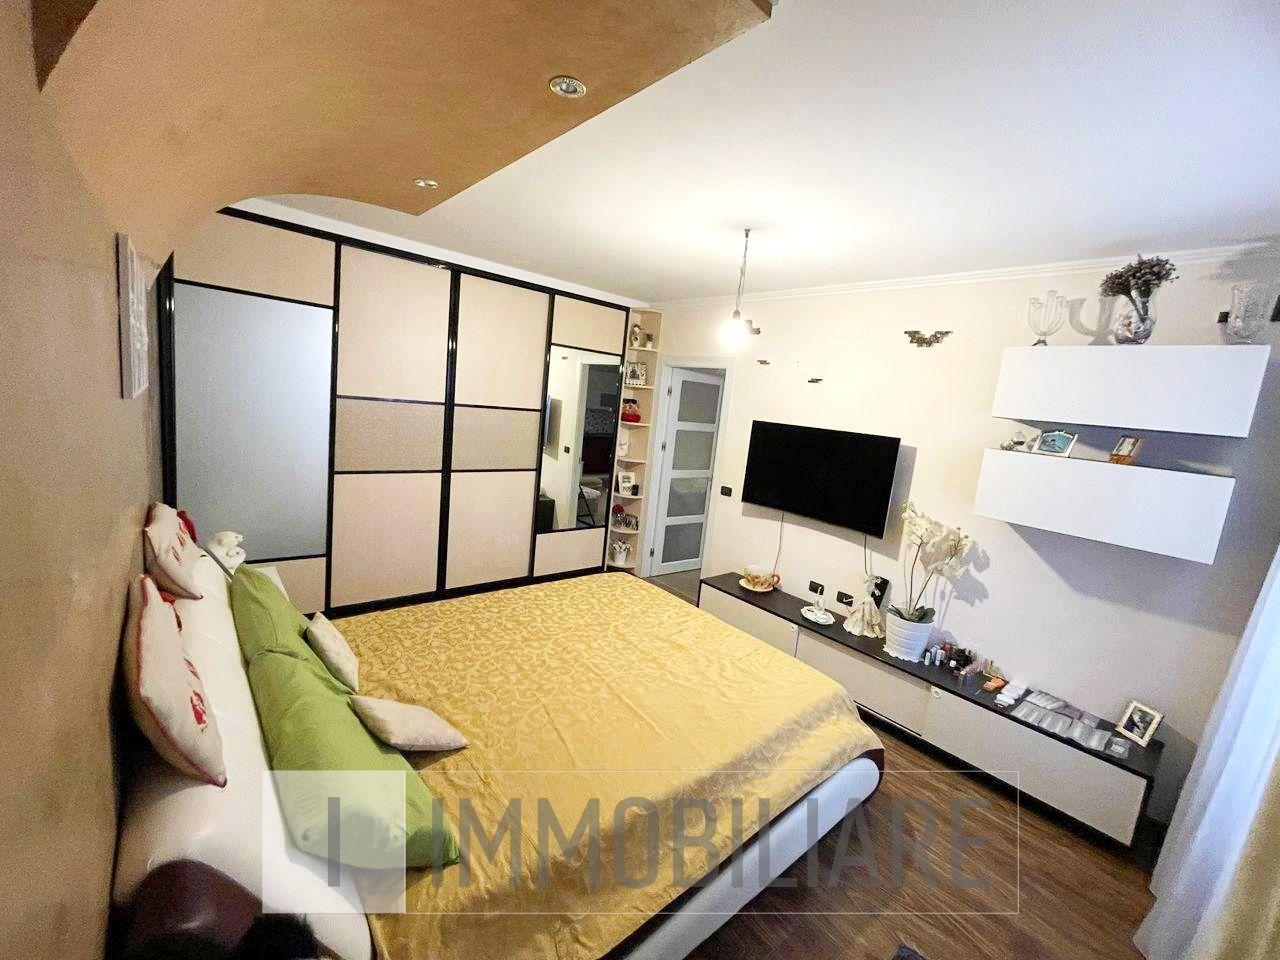 Apartament cu 1 cameră+living, sect. Centru, str. Mihai Viteazul.